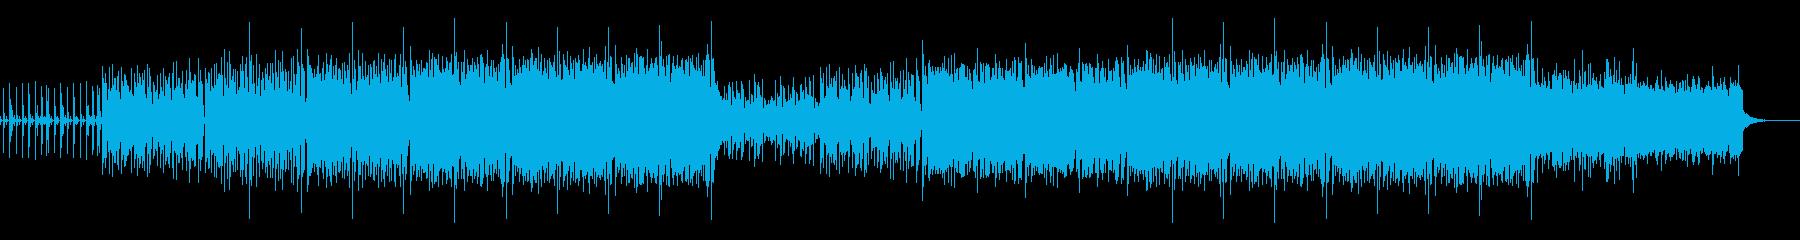 車の紹介などに最適なBGMの再生済みの波形